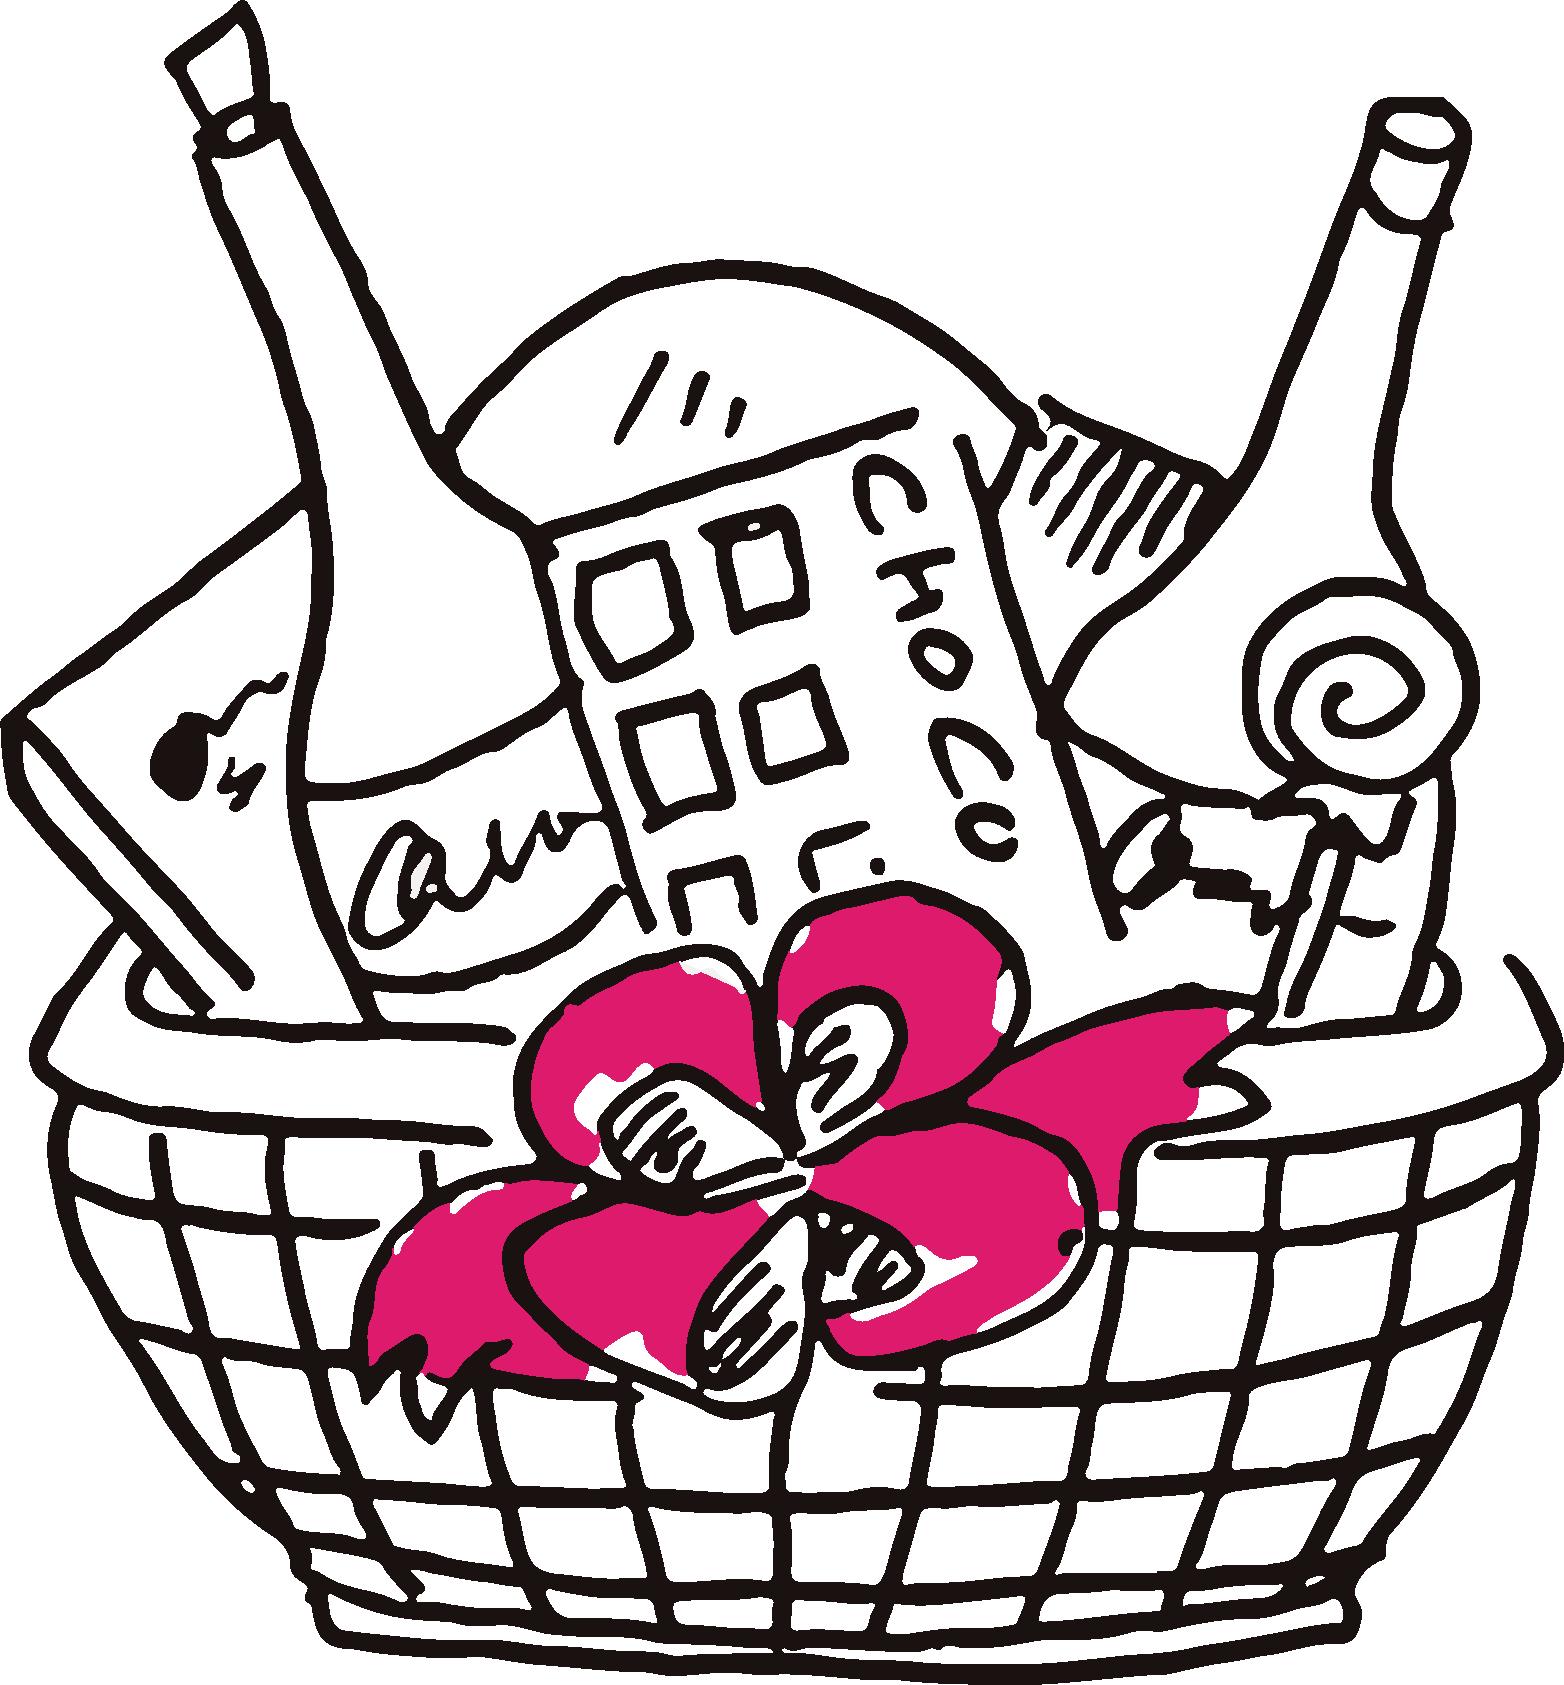 paquet_cadeau-1509556249.png